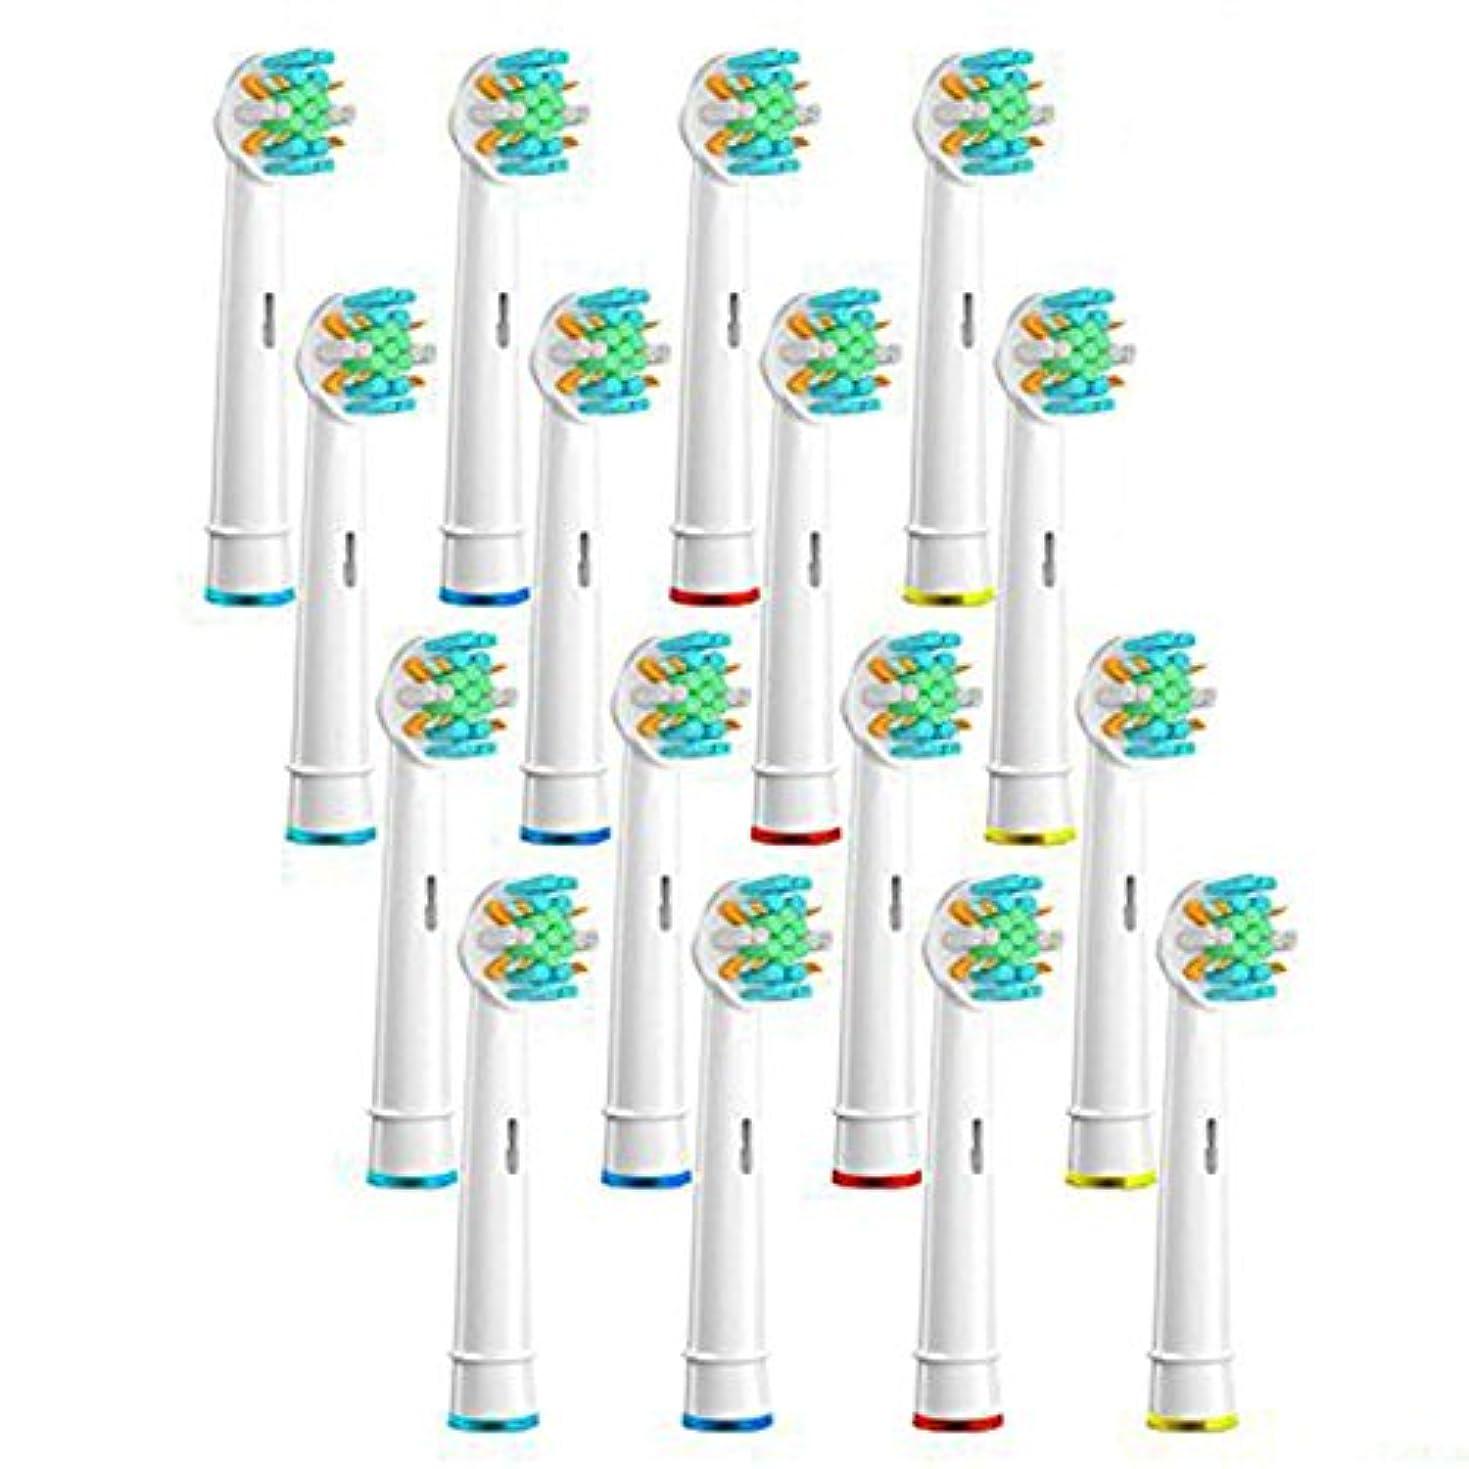 累積ミュージカル踏み台電動歯ブラシ 替えブラシ GenkentオーラルBフロスアクションと互換性のある交換用歯ブラシヘッド 16本入